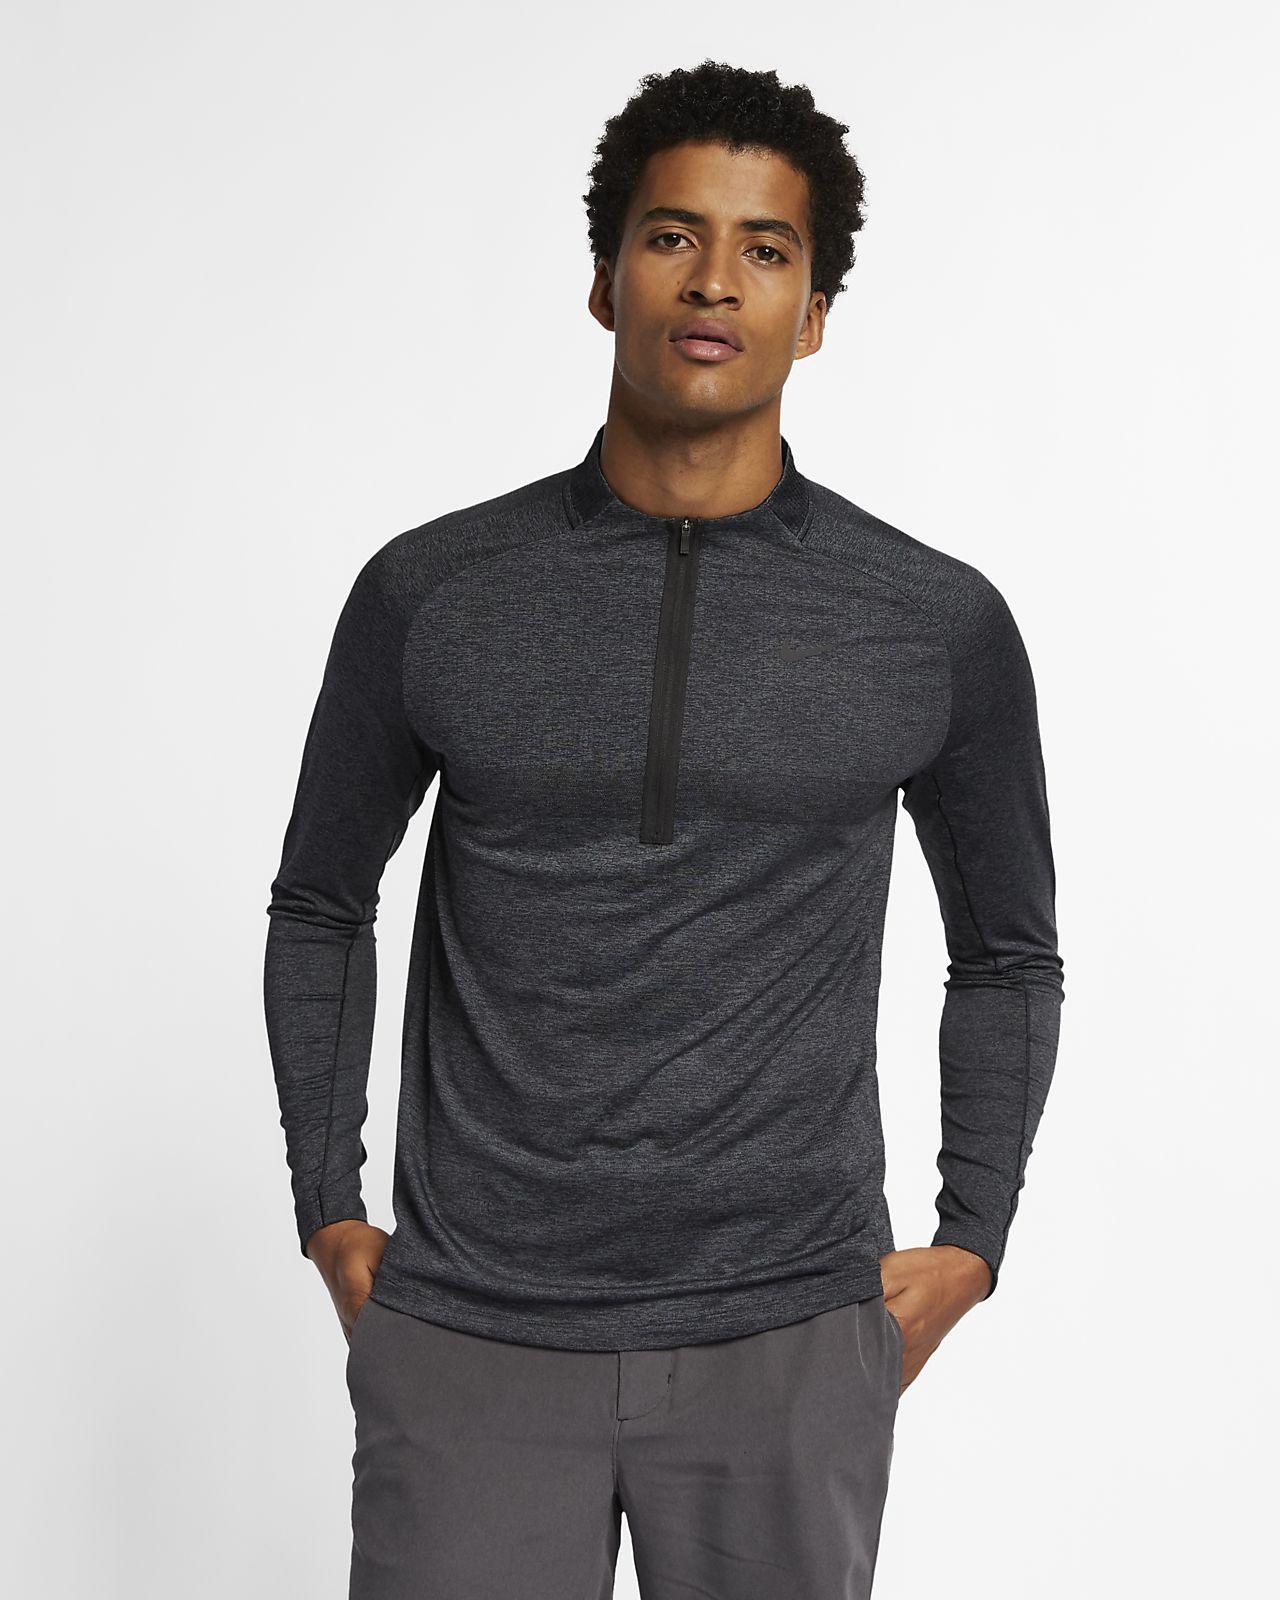 Nike Dri-FIT Camiseta de golf con media cremallera - Hombre